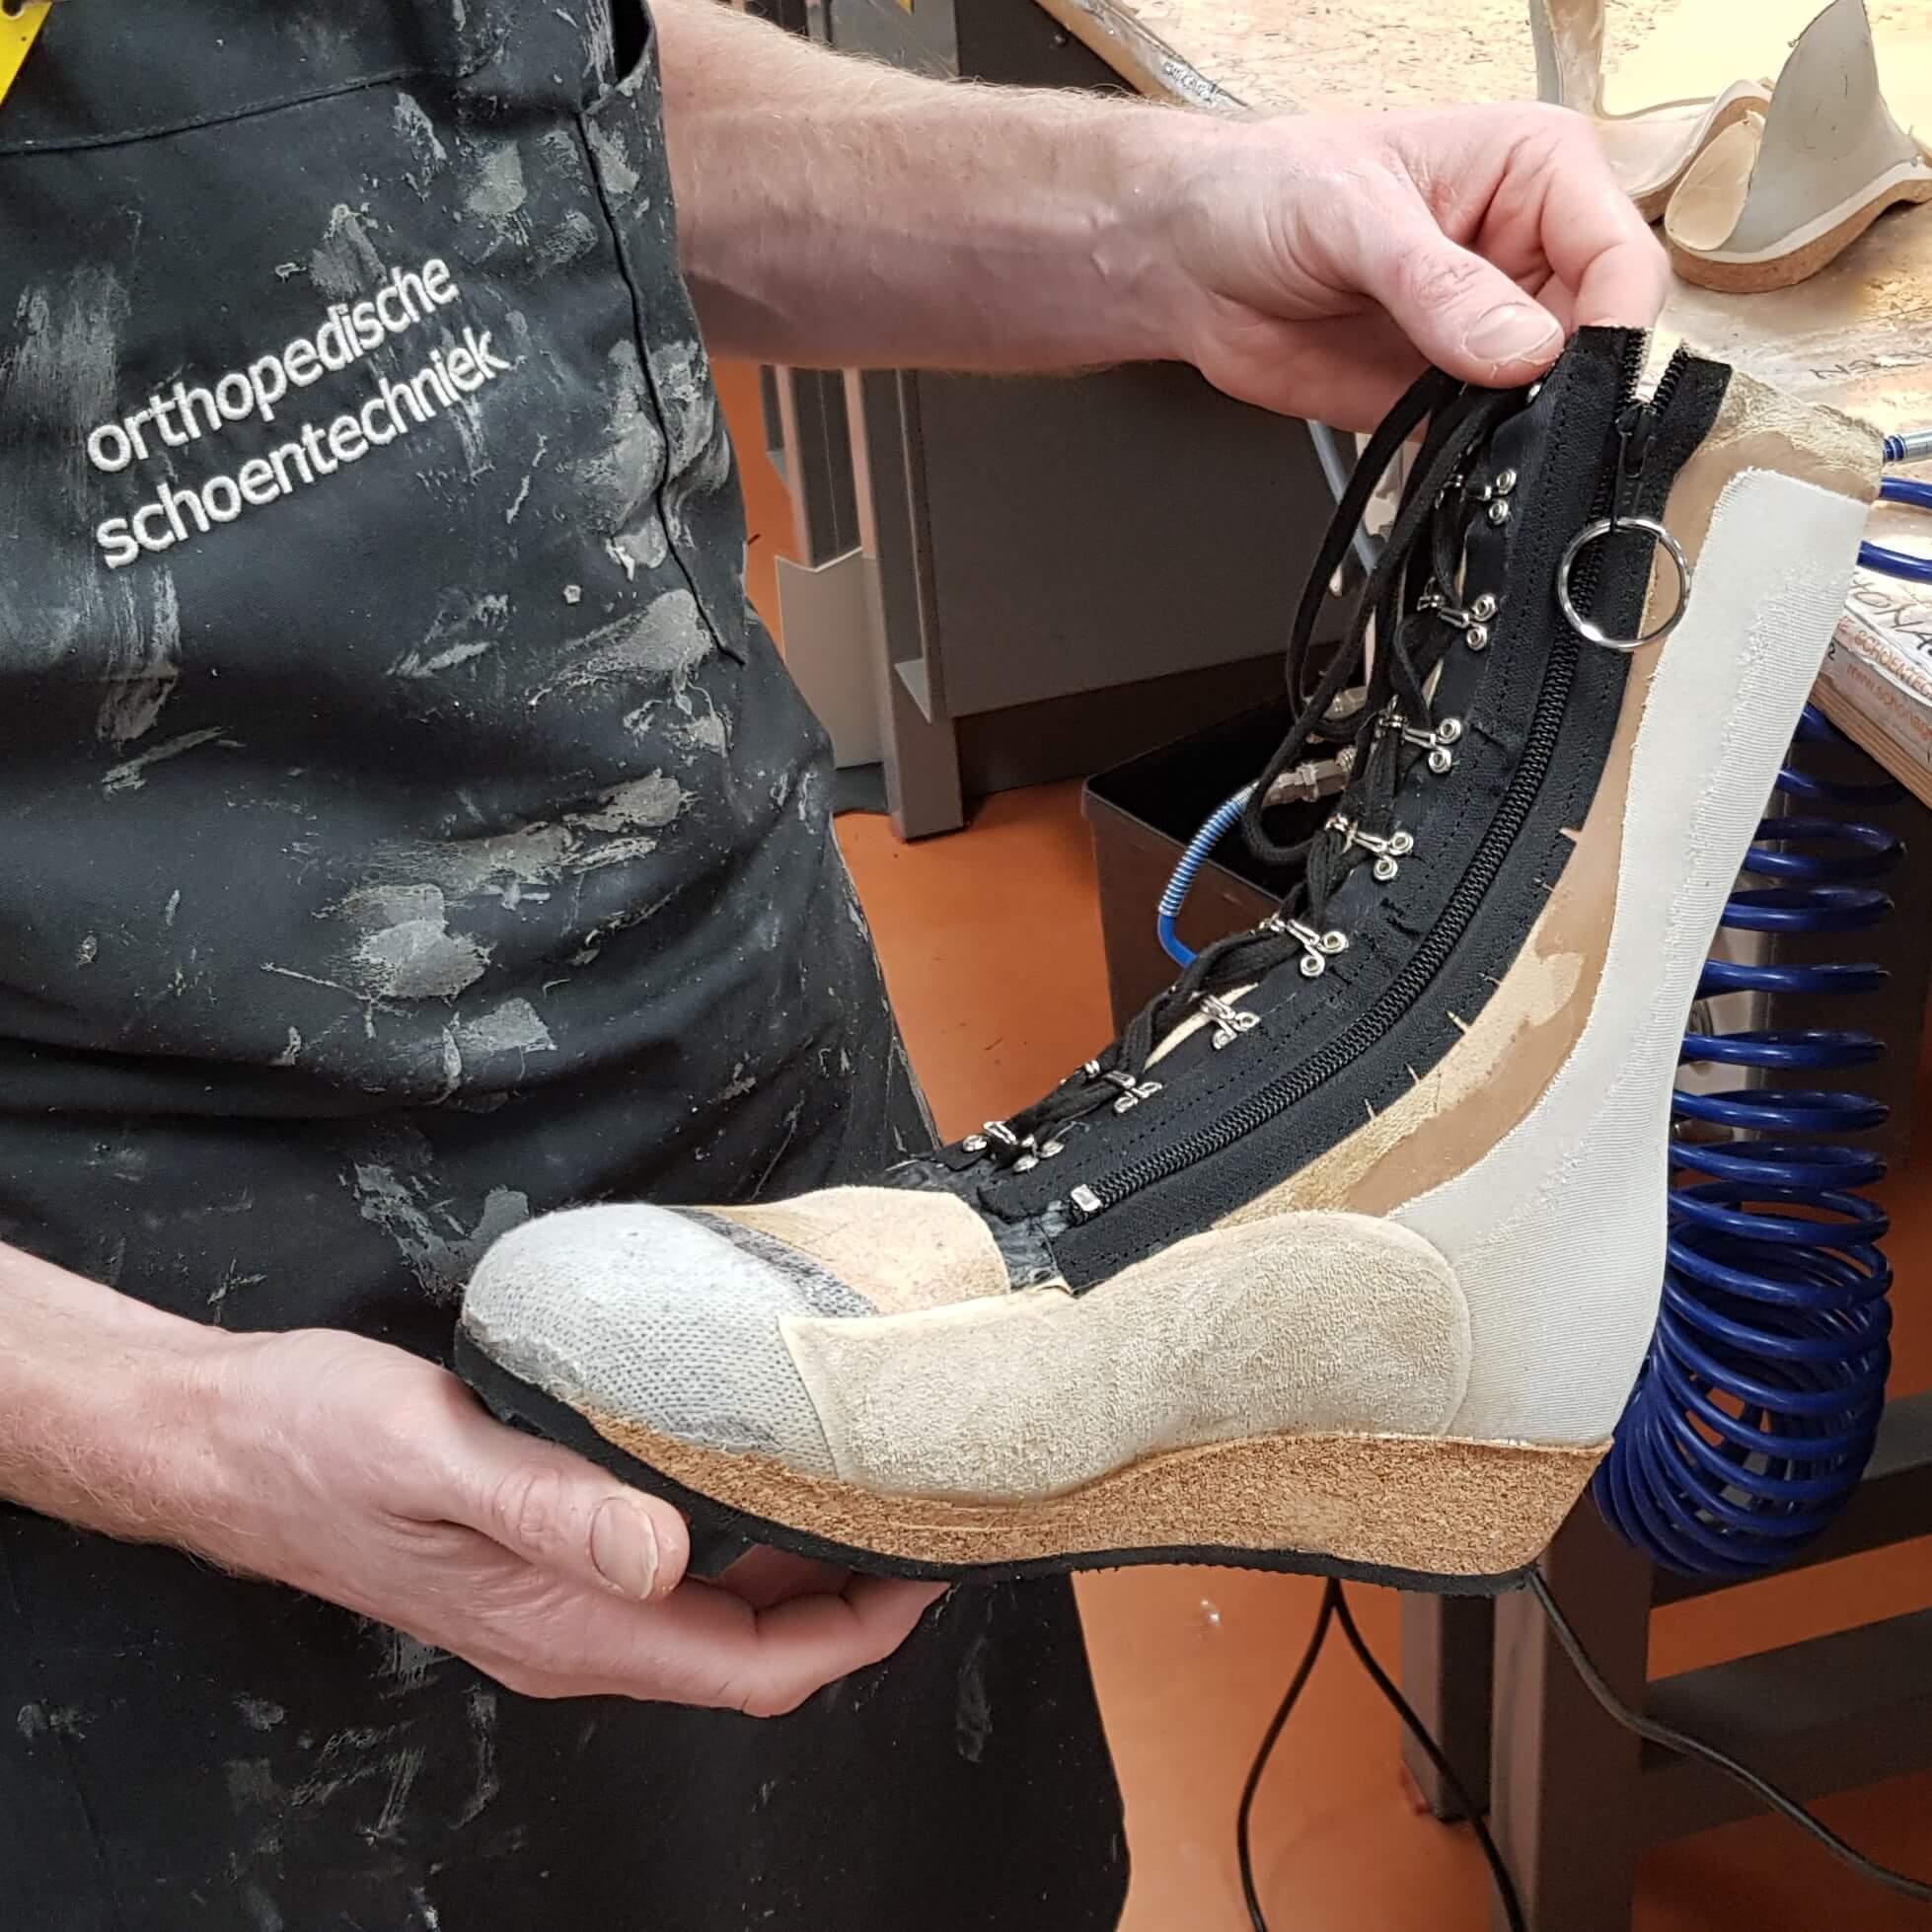 ef43cb86393 Orthopedisch schoentechnicus laat trots mijn proefschoenen zien die mijn orthopedische  schoenen gaan worden